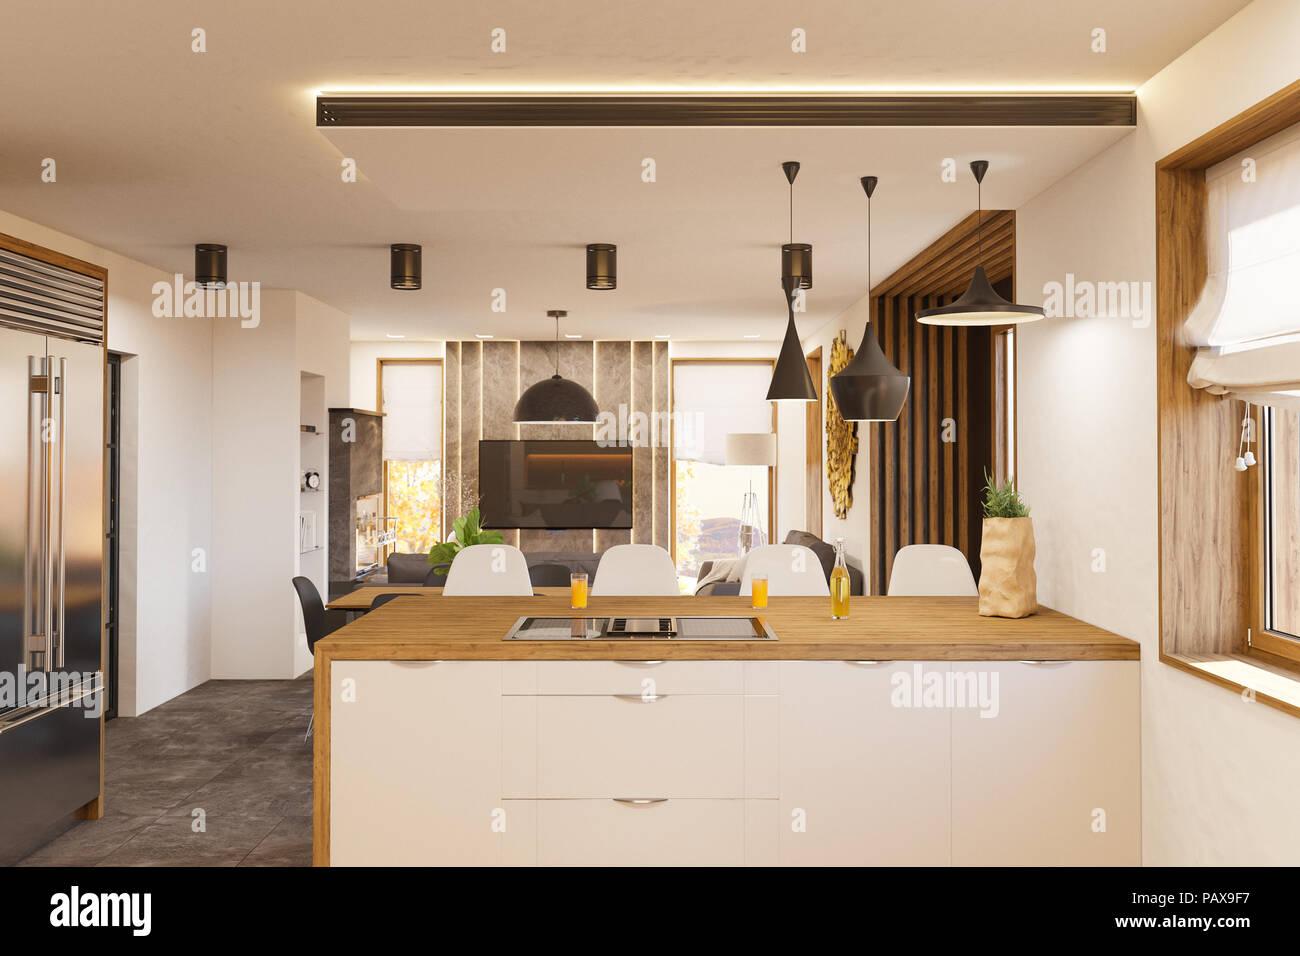 Soggiorno e cucina arredamento con camino casa moderna in for Soggiorno minimalista